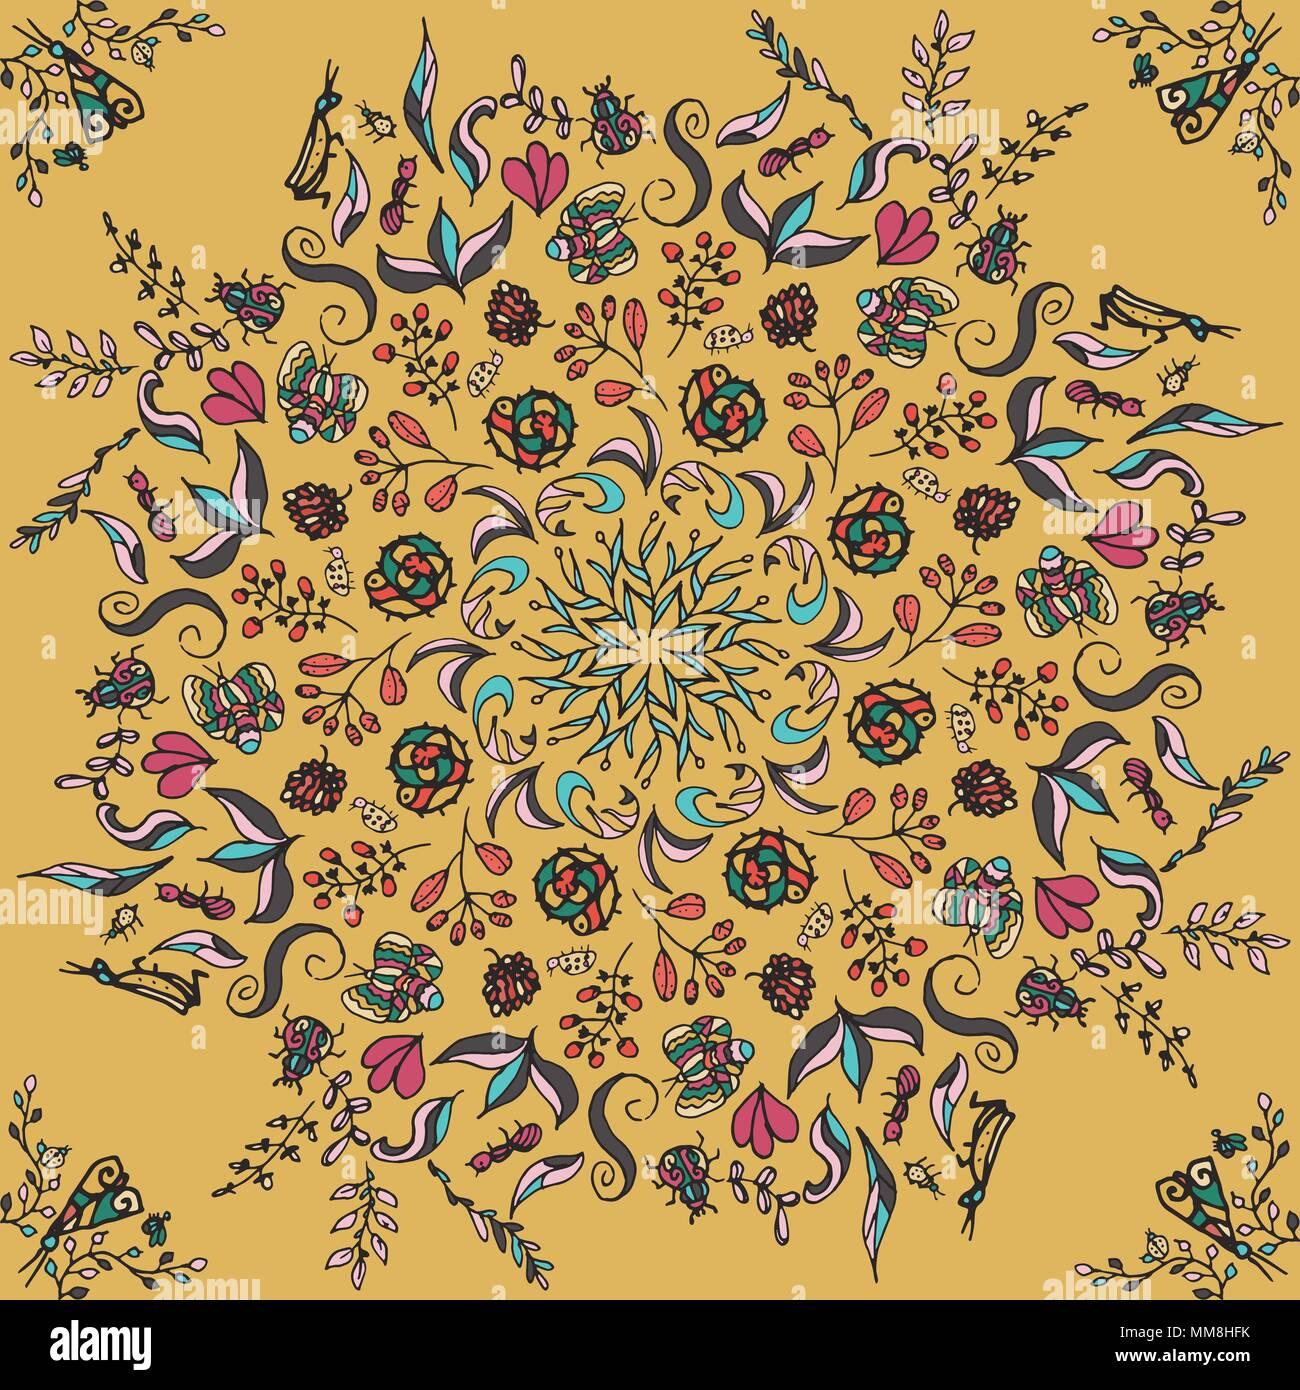 Riche avec des couleurs saturées, magnifique cité médiévale l'ornement. Motif floral Seamless floral circulaire d'éléments. Vector design de mandalas. Modèle pour les textiles, châle, linge de lit, tapis, coussins Illustration de Vecteur